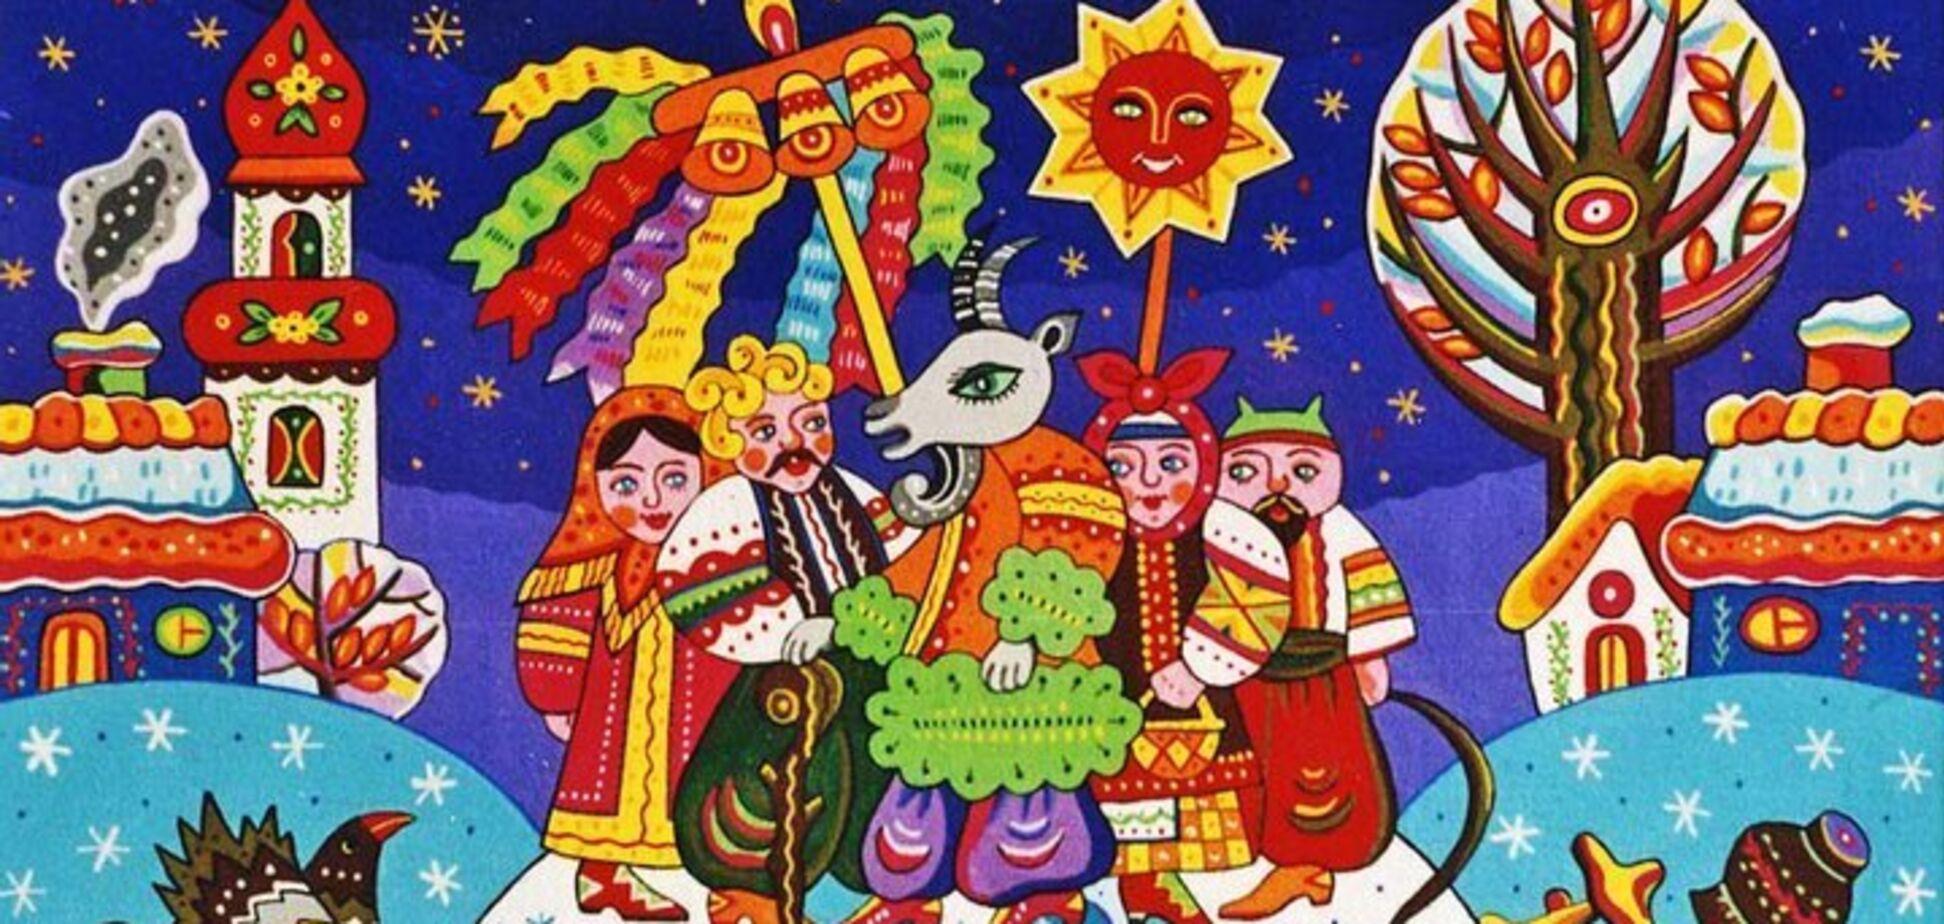 7 января Рождество в Украине отмечают православные и греко-католики